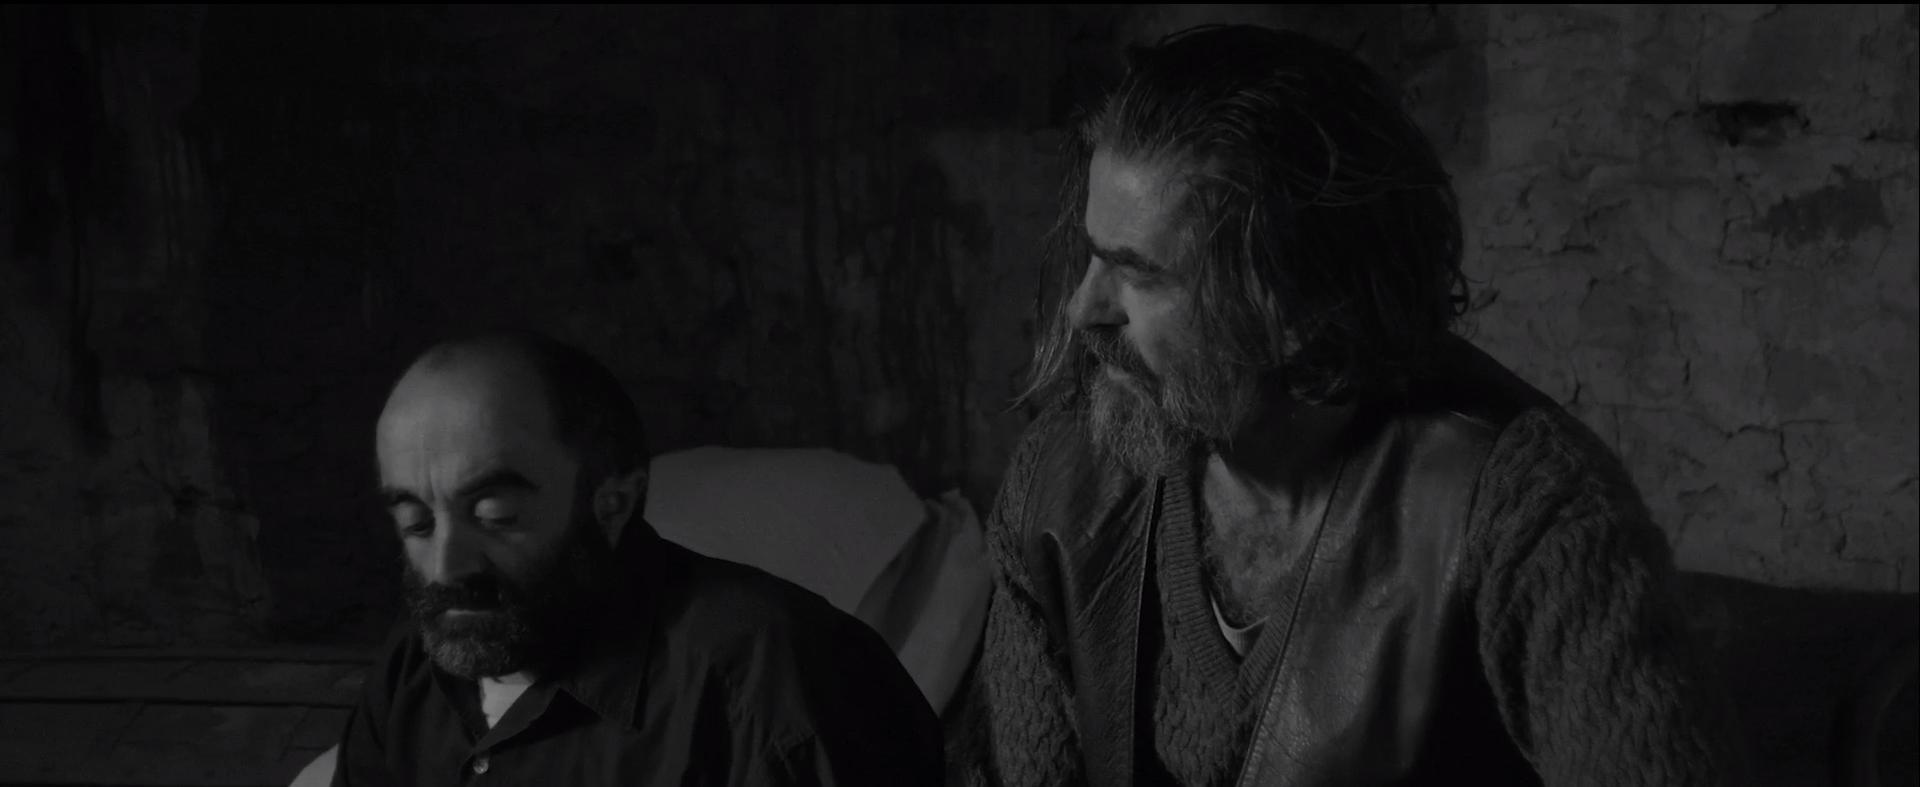 Cena do filme Armugan, em preto e branco. Vemos um homem baixinho, careca e barbudo sentado em uma cama. À esquerda, vemos um homem com cabelo comprido, barba grande e alto também sentado na cama. Ambos são brancos e estão na meia idade. Vestem roupas adequadas para o clima da região montanhosa.